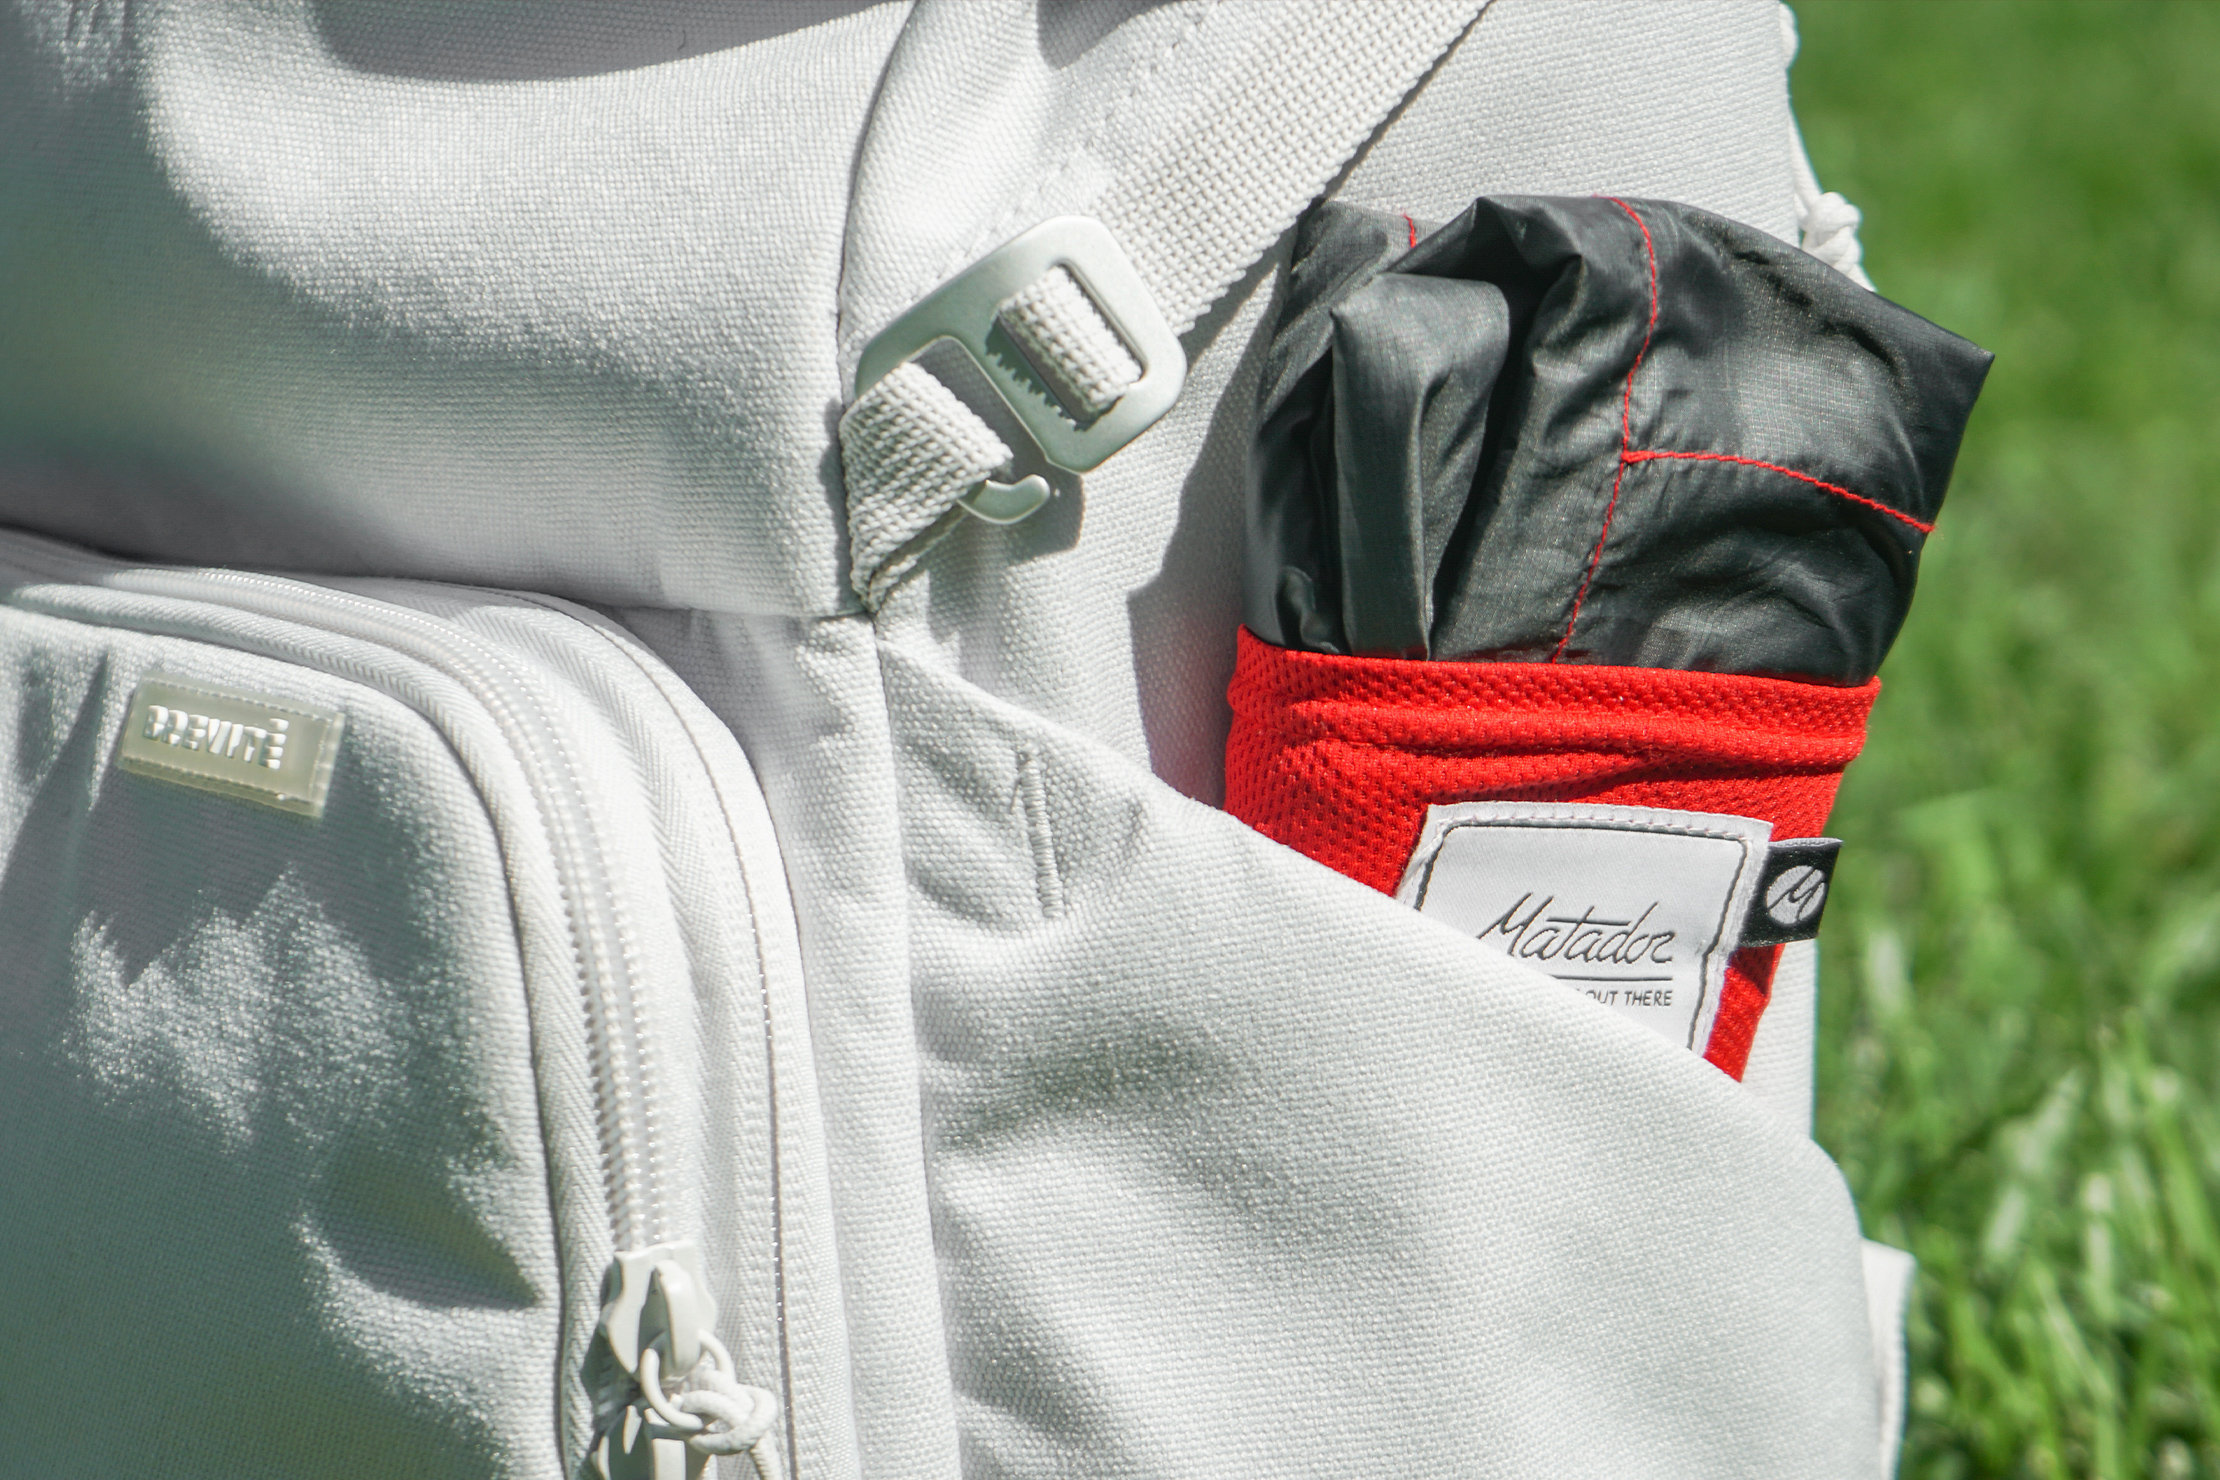 Matador Pocket Blanket 2.0 in Pocket